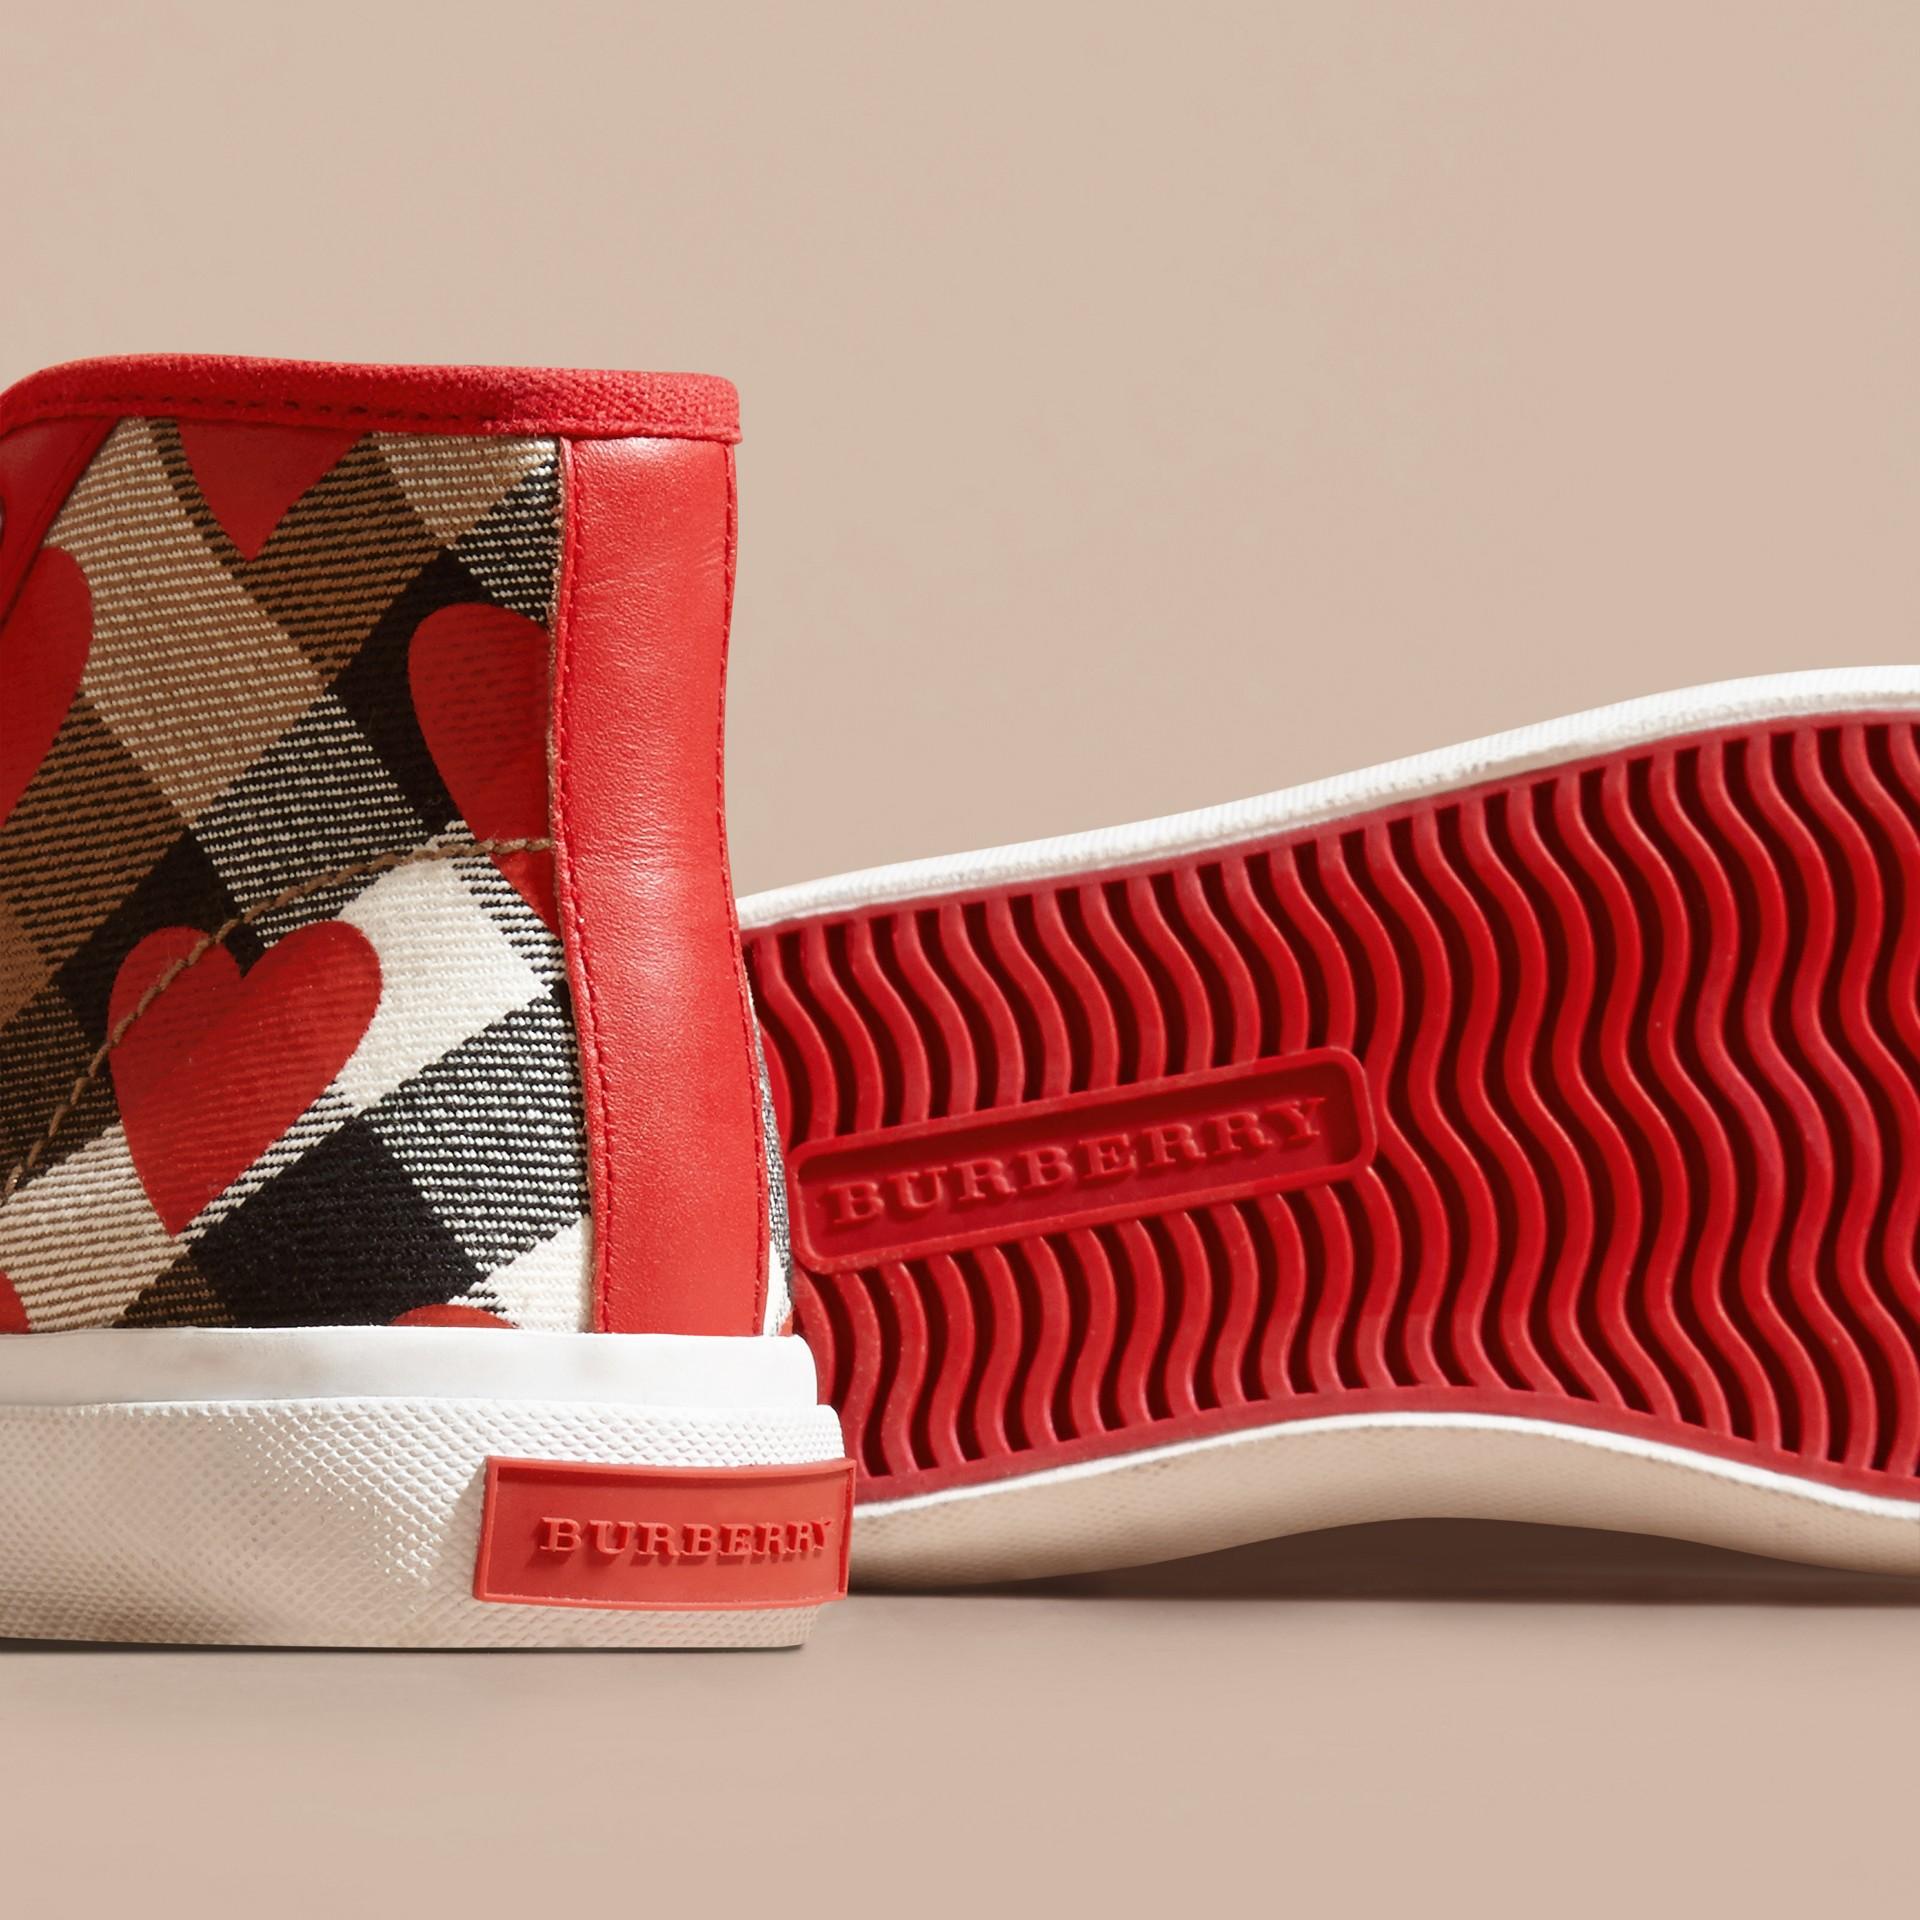 Rosso militare Sneaker alte con motivo check, stampa a pois e finiture in pelle Rosso Militare - immagine della galleria 2